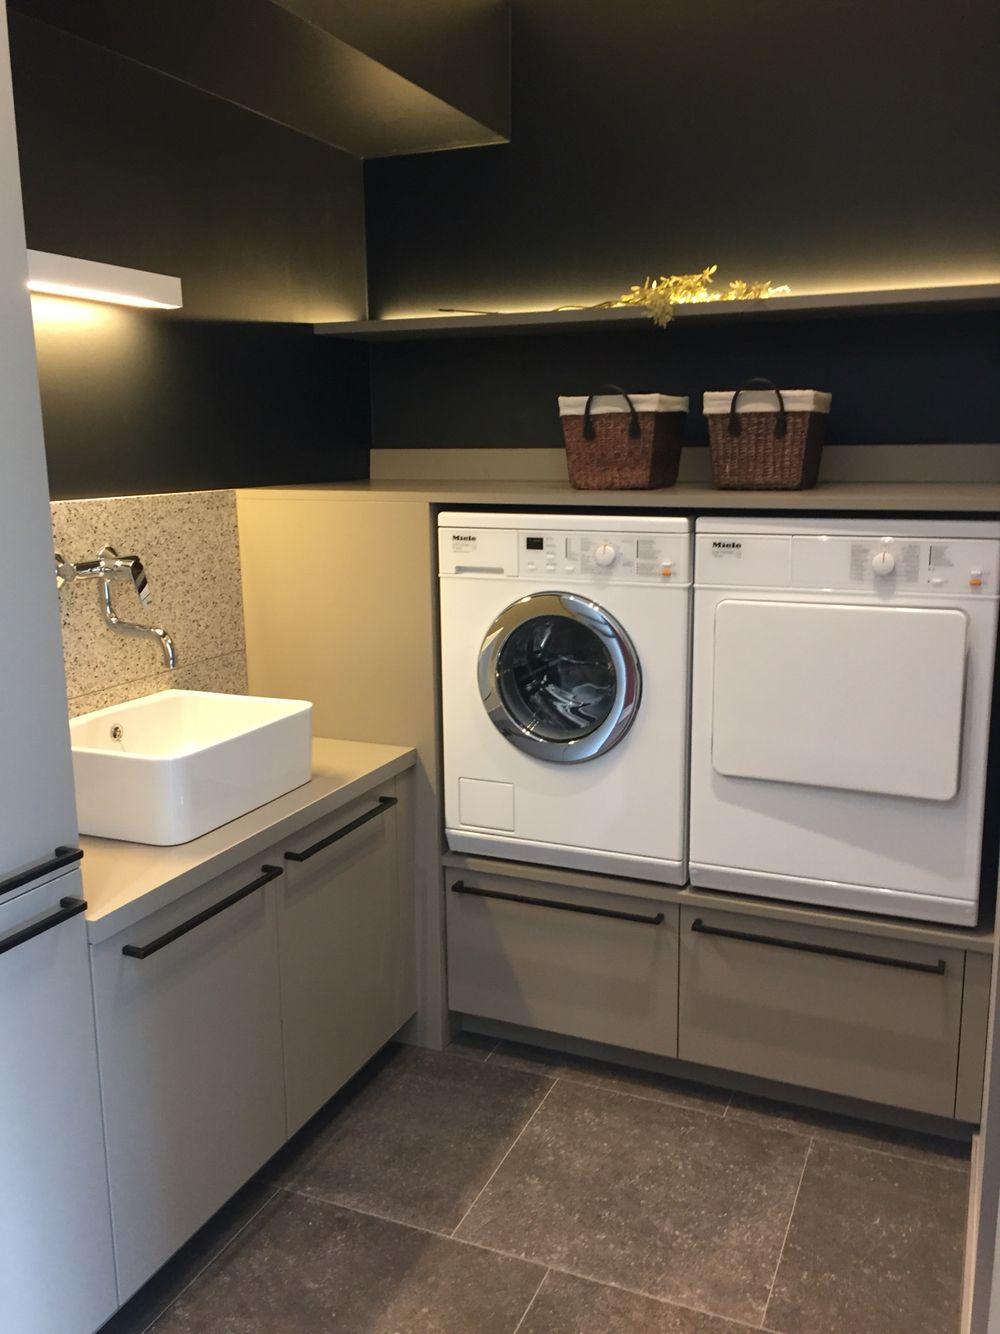 Kast Voor Wasmachine : Wasmachine kast badkamer mooie mooi van novellini wasmachinekasten